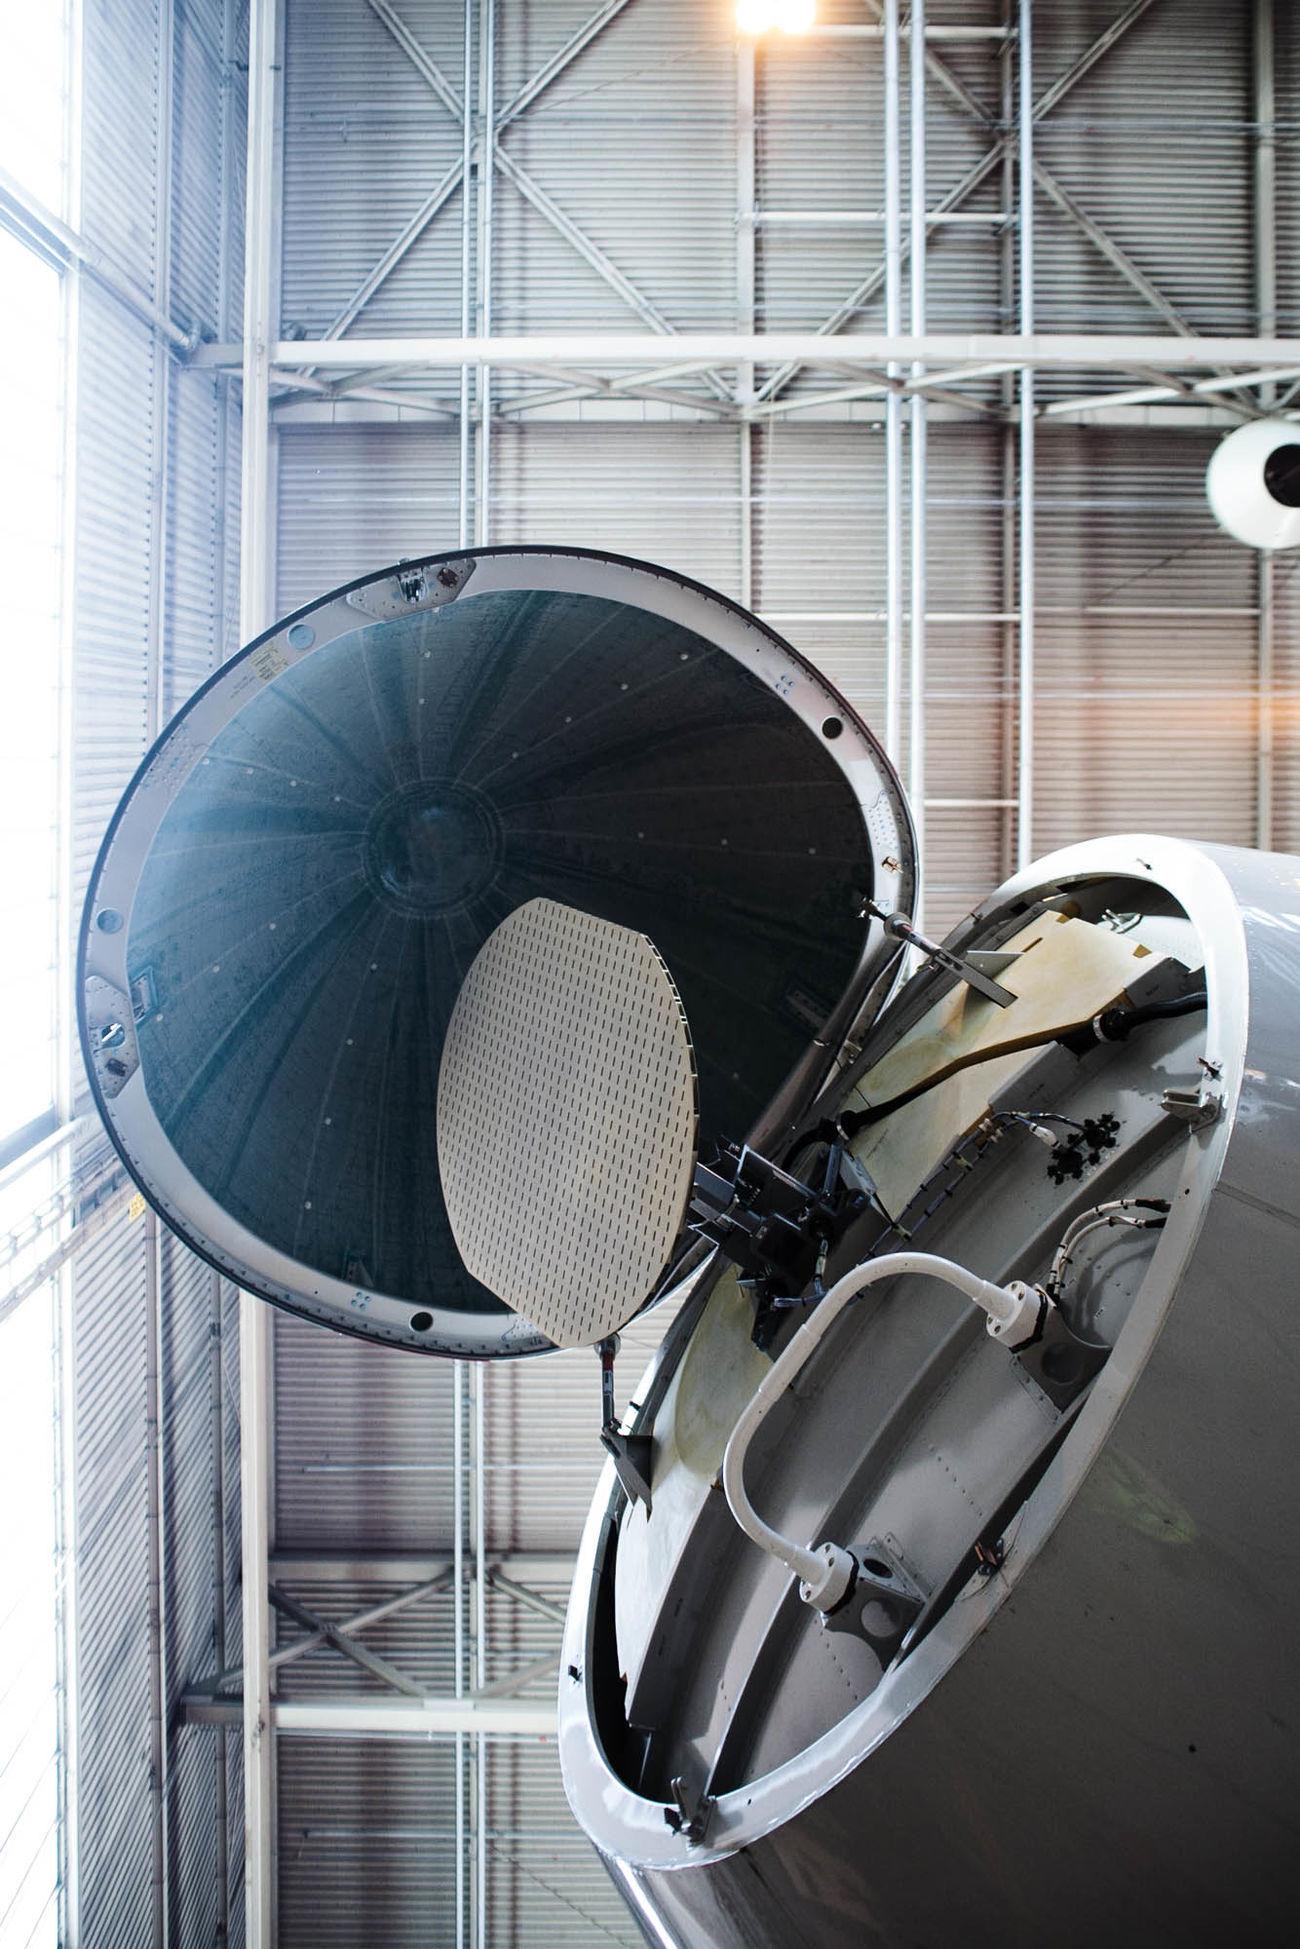 Airplane Airport Documentary Flughafen Flugzeug Industrie Luftfahrt Technik  Technology